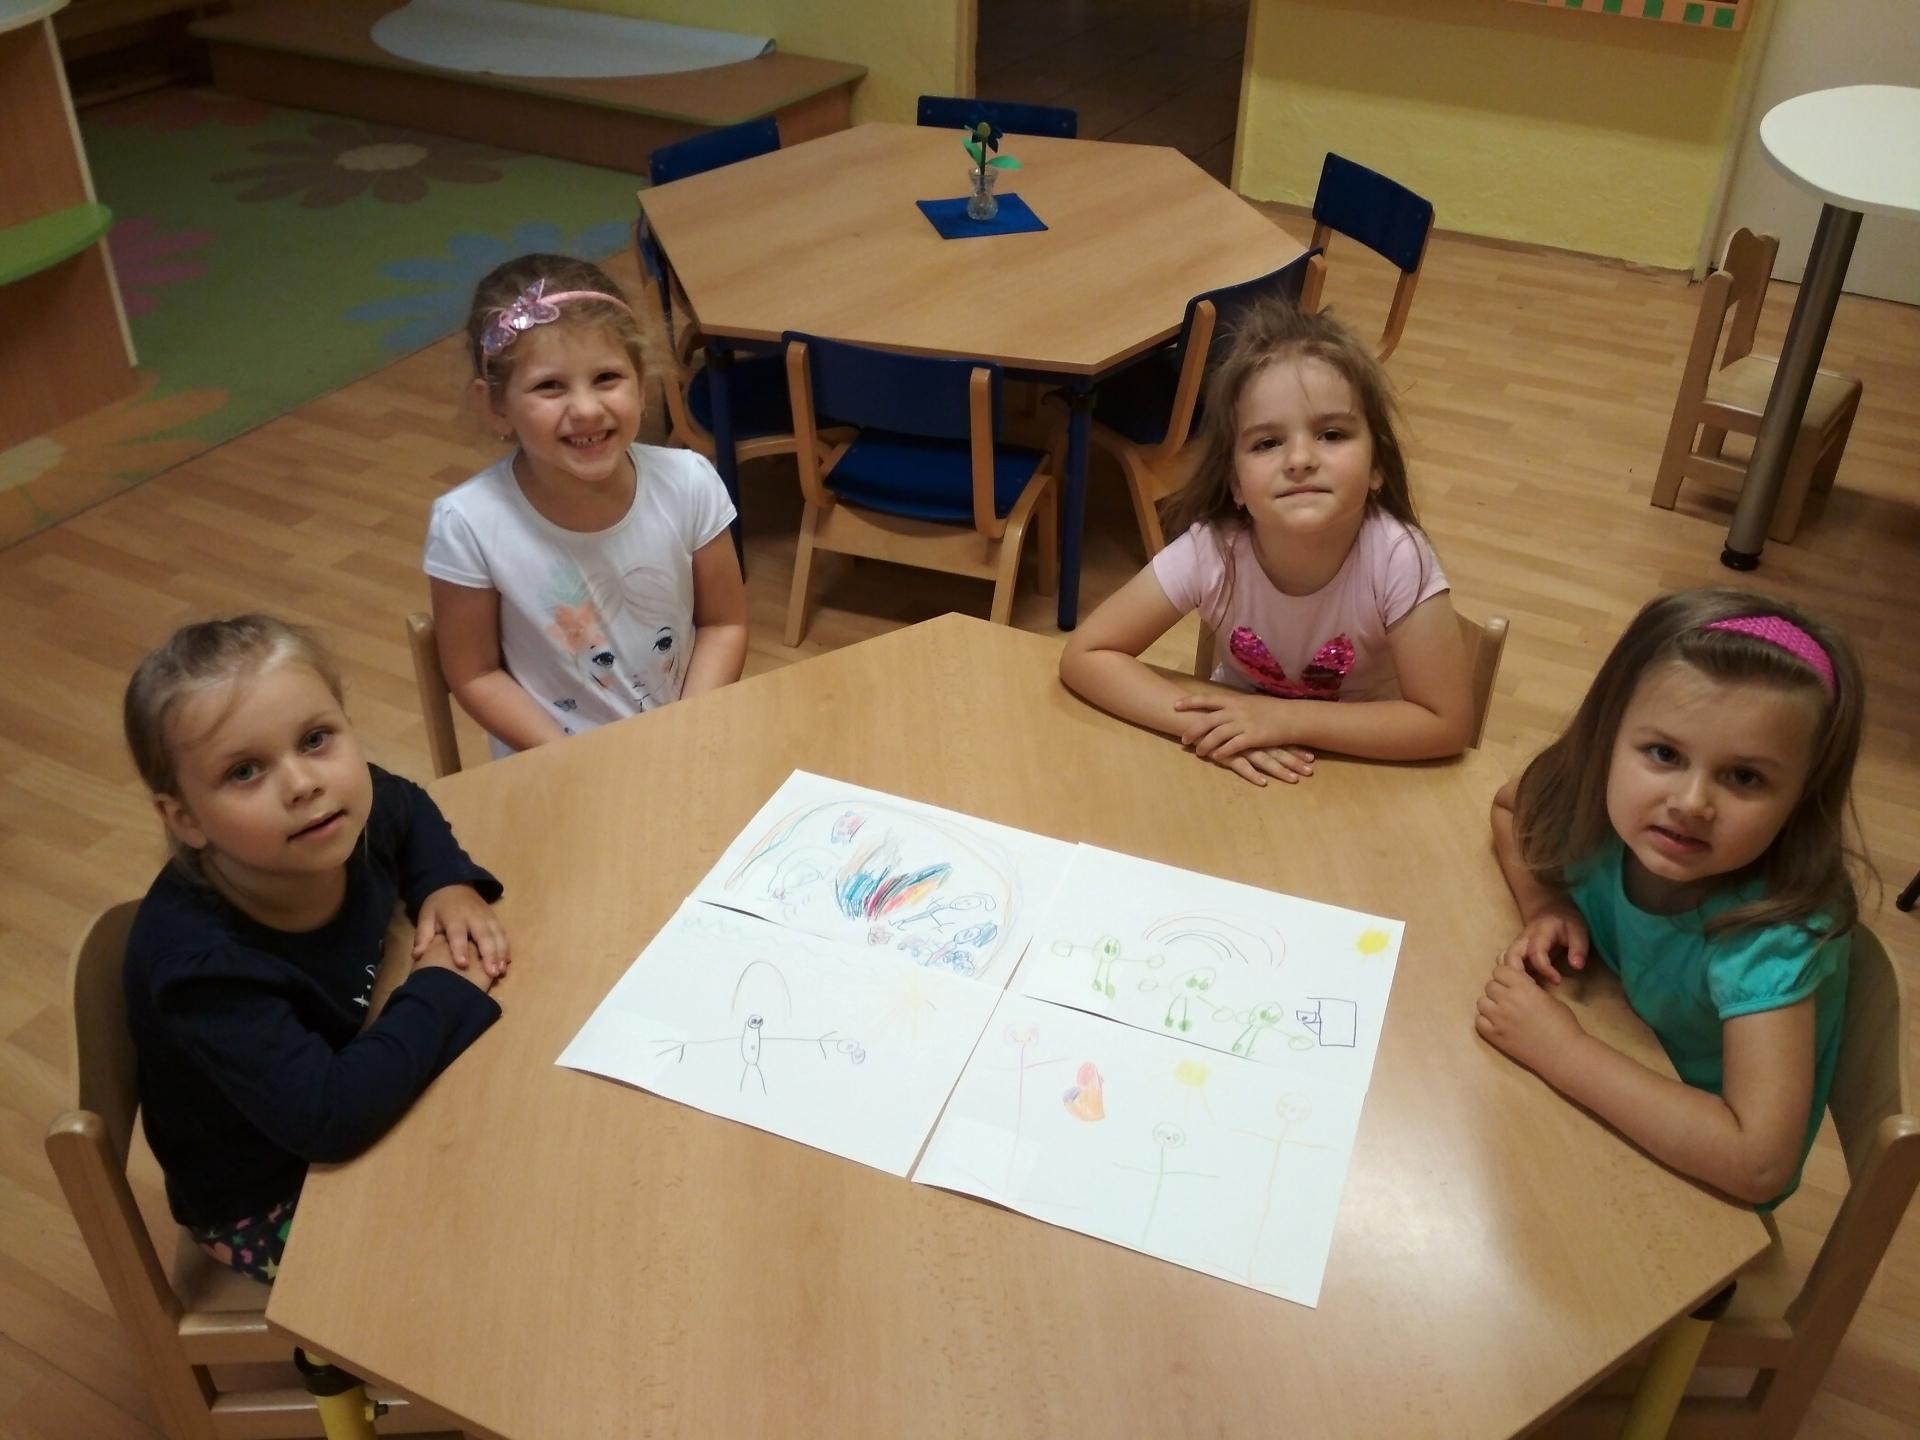 Děti tvořily ve skupině.